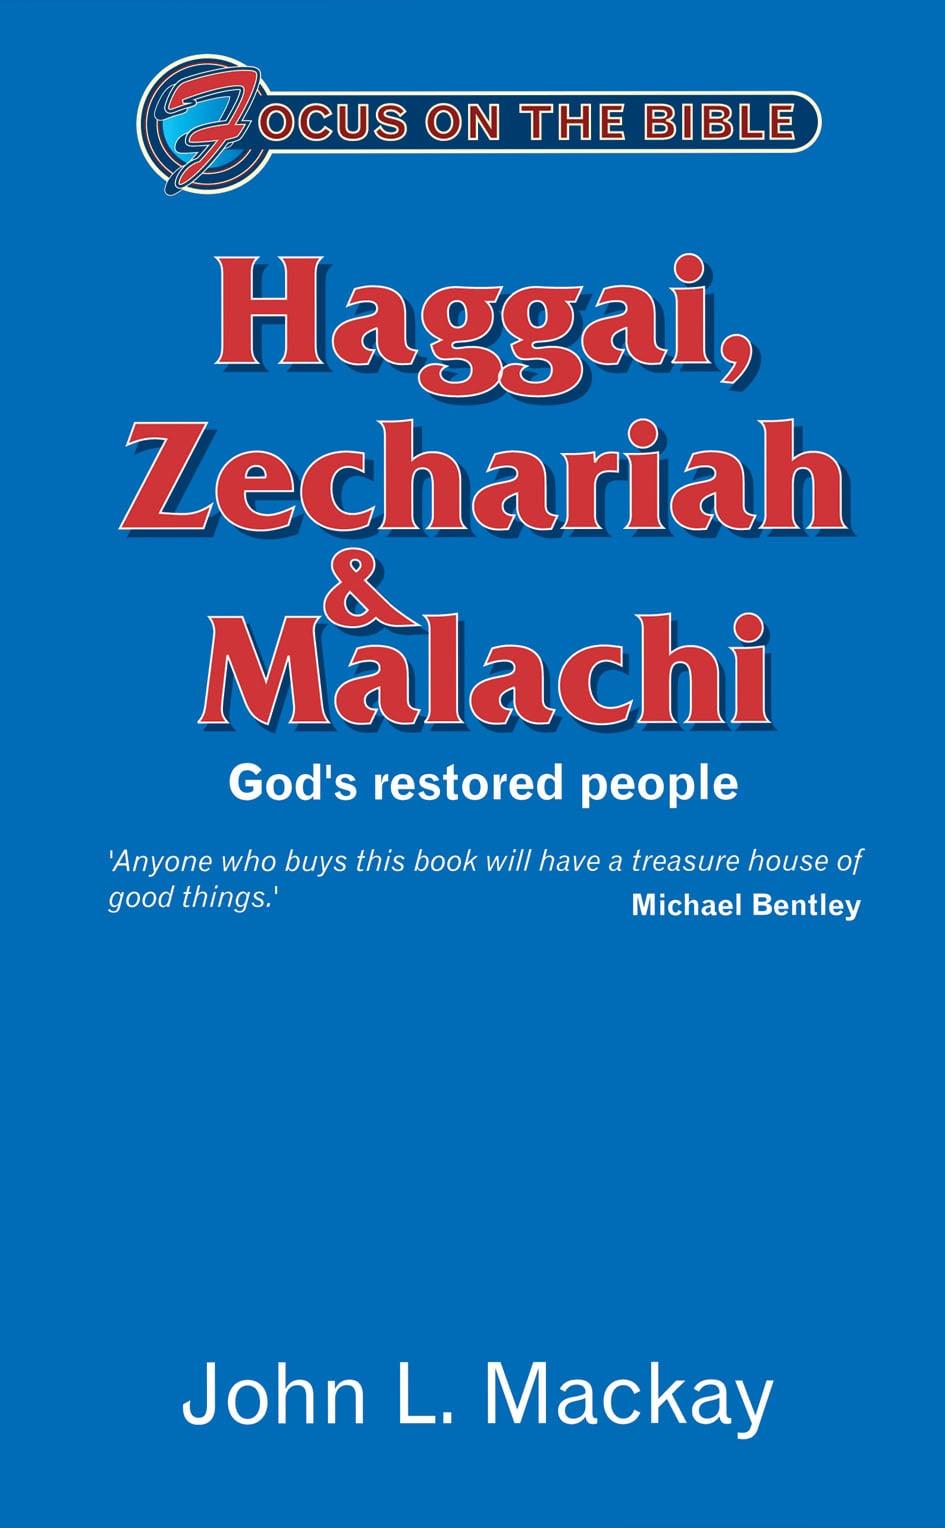 Mackay_Haggai.jpg